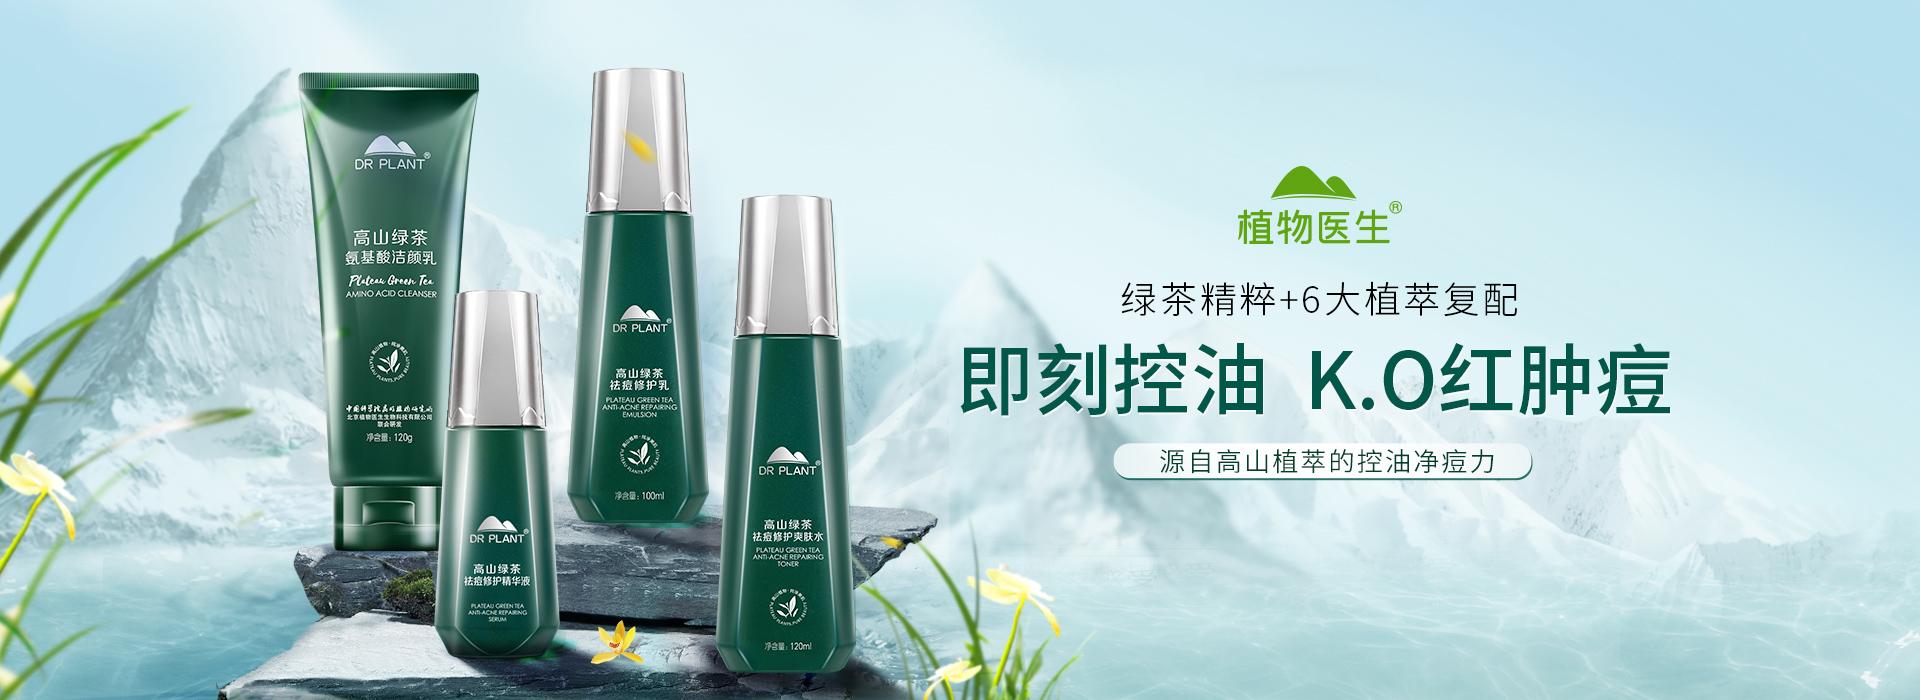 高山绿茶祛痘修护系列